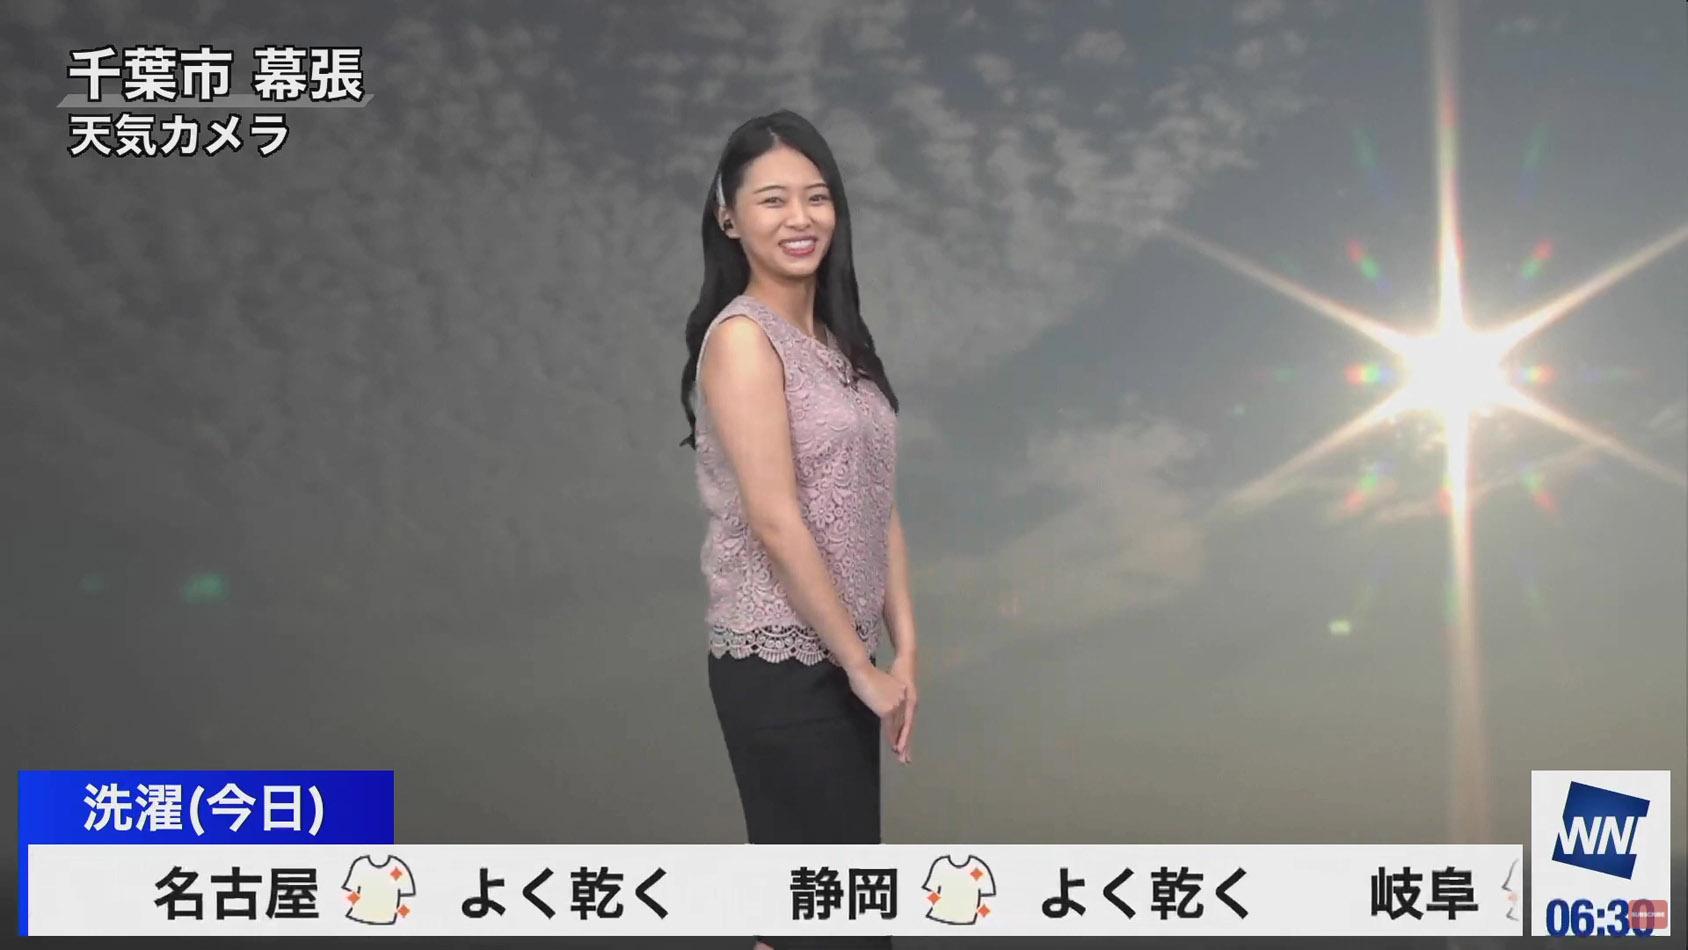 角田奈緒子_キャスター_ノースリーブ_おっぱい_13